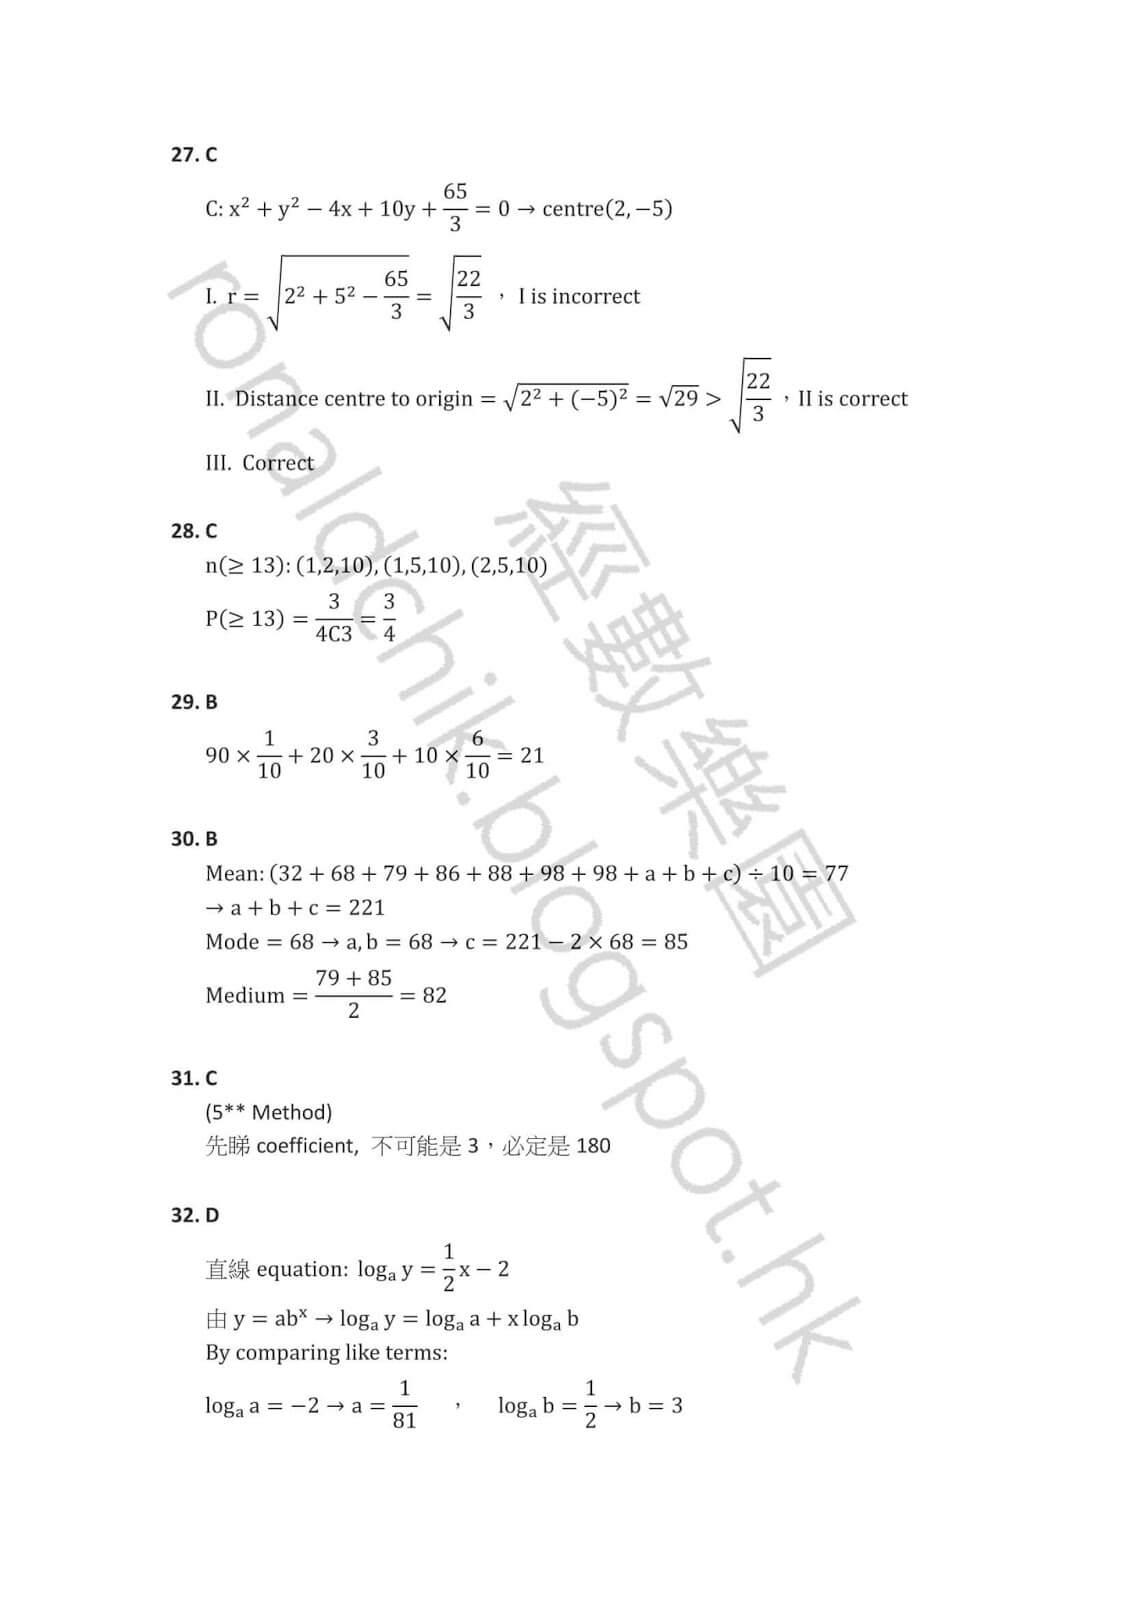 2016 DSE Math Paper 2 數學 卷二 答案 Q.27,28,29,30,31,32